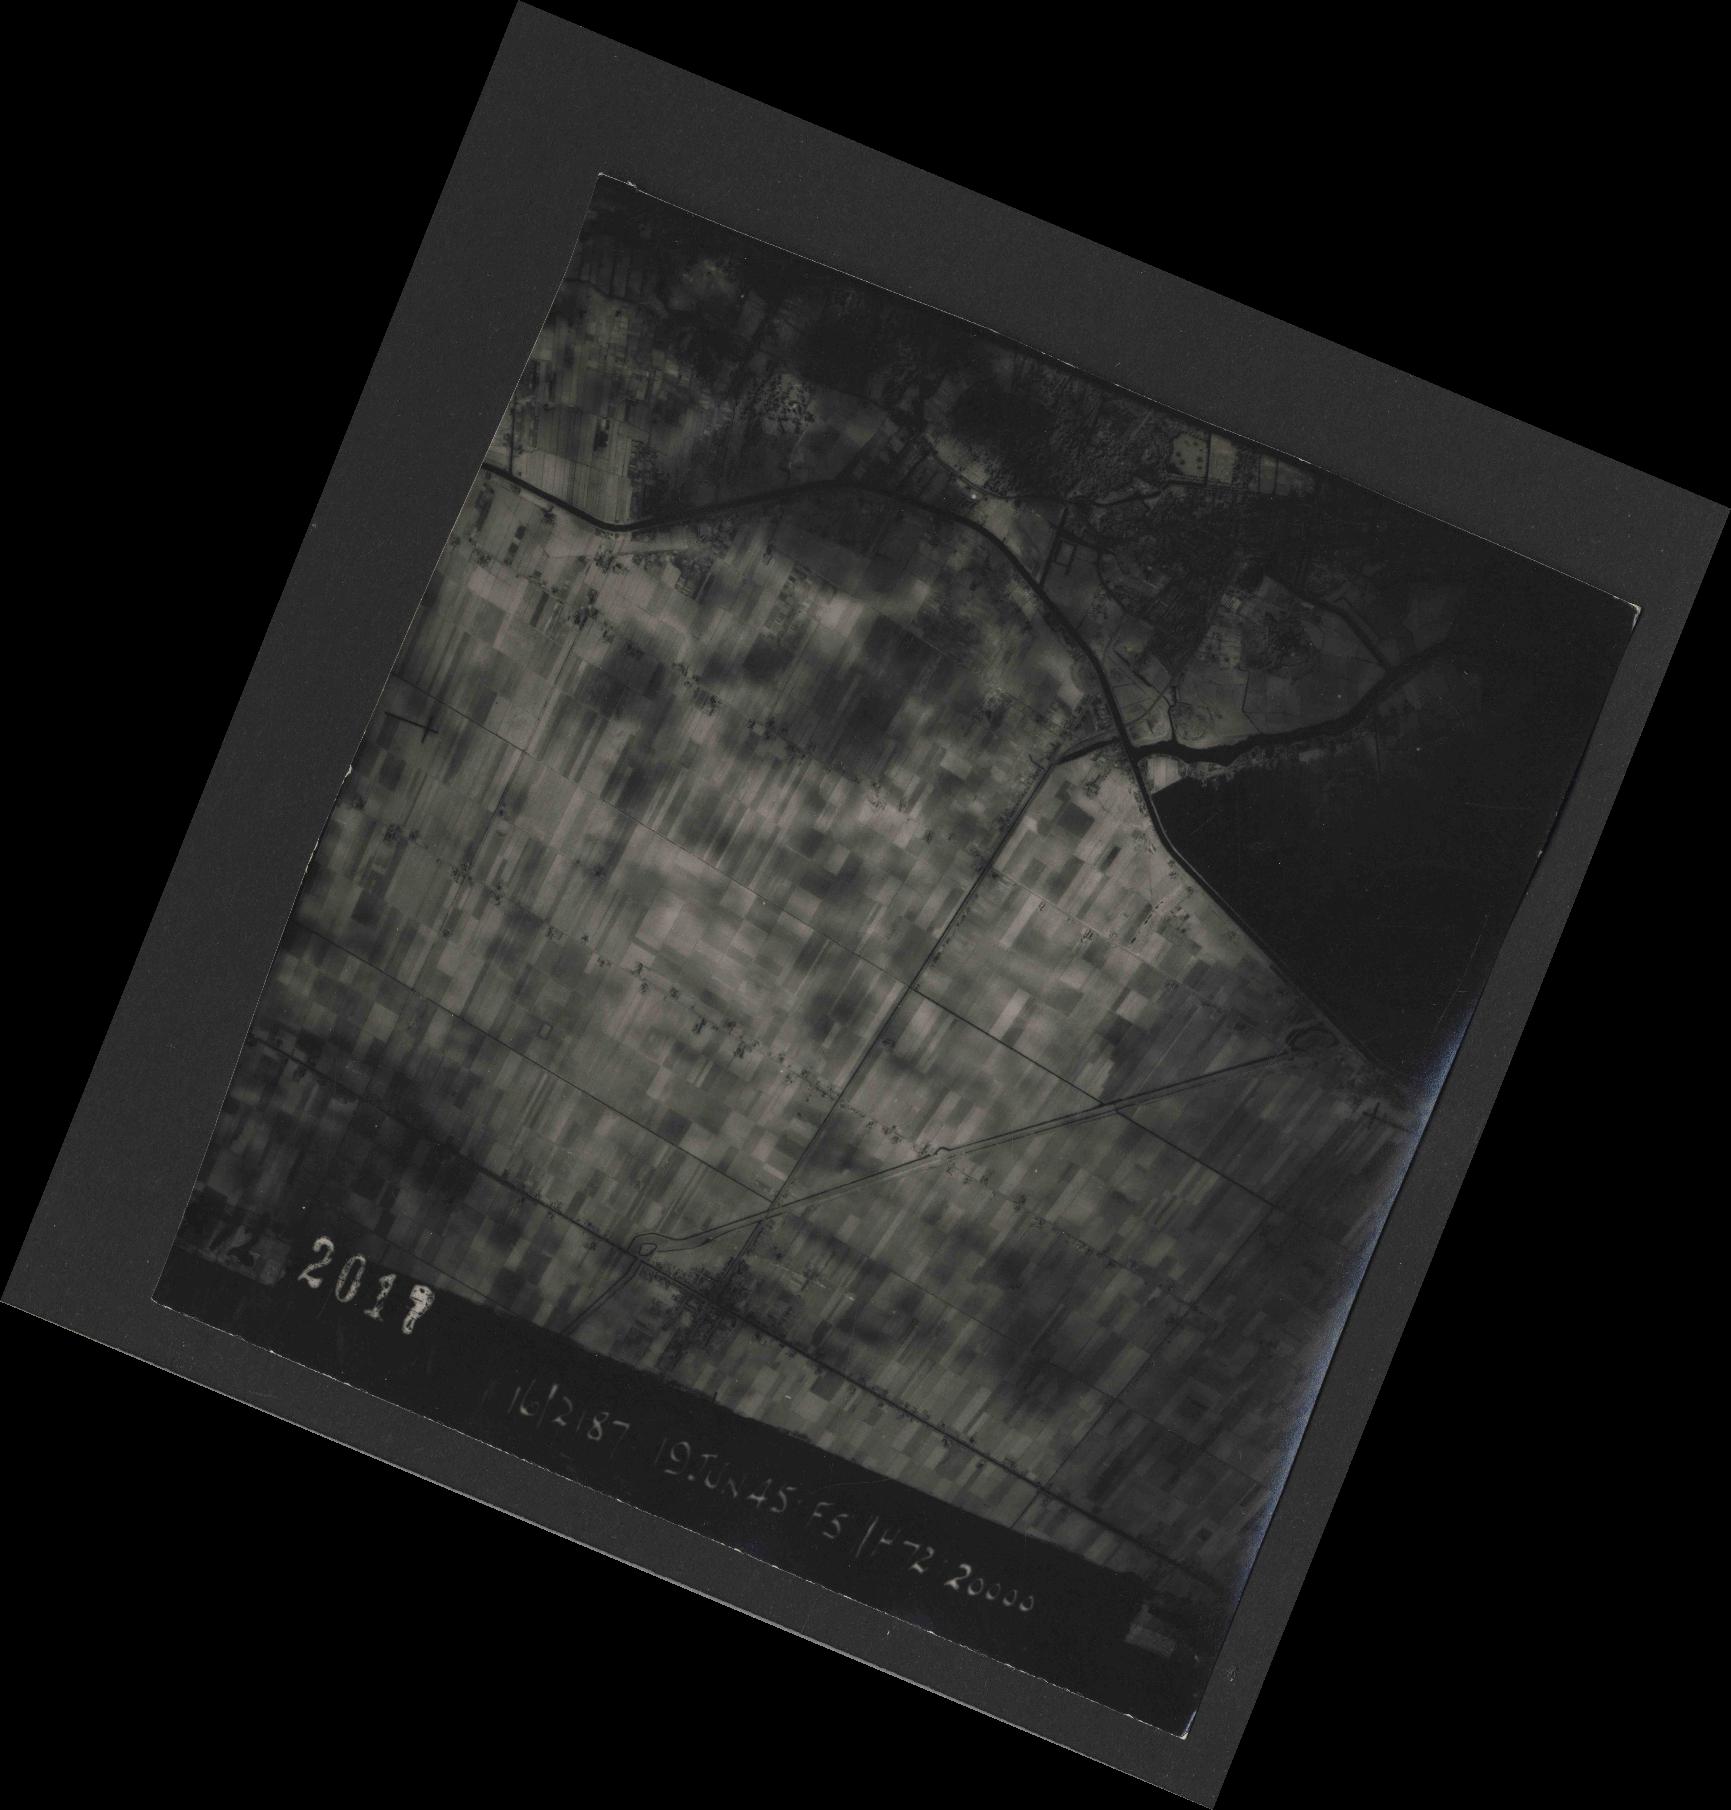 Collection RAF aerial photos 1940-1945 - flight 551, run 02, photo 2017